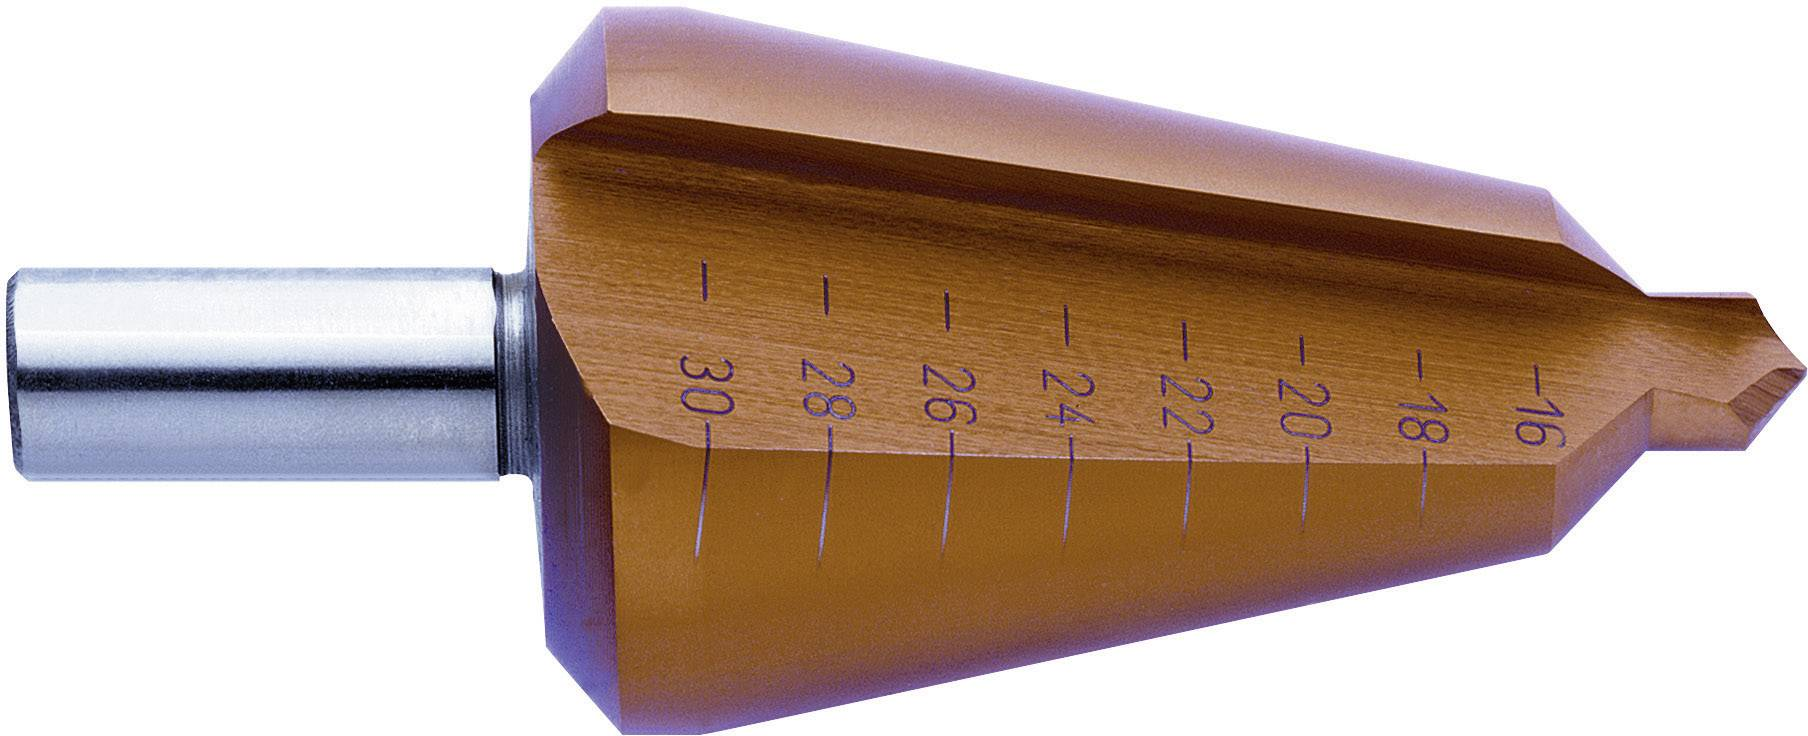 Lúpací vrták Exact 50104, 4 - 31 mm, TiN, 1 ks